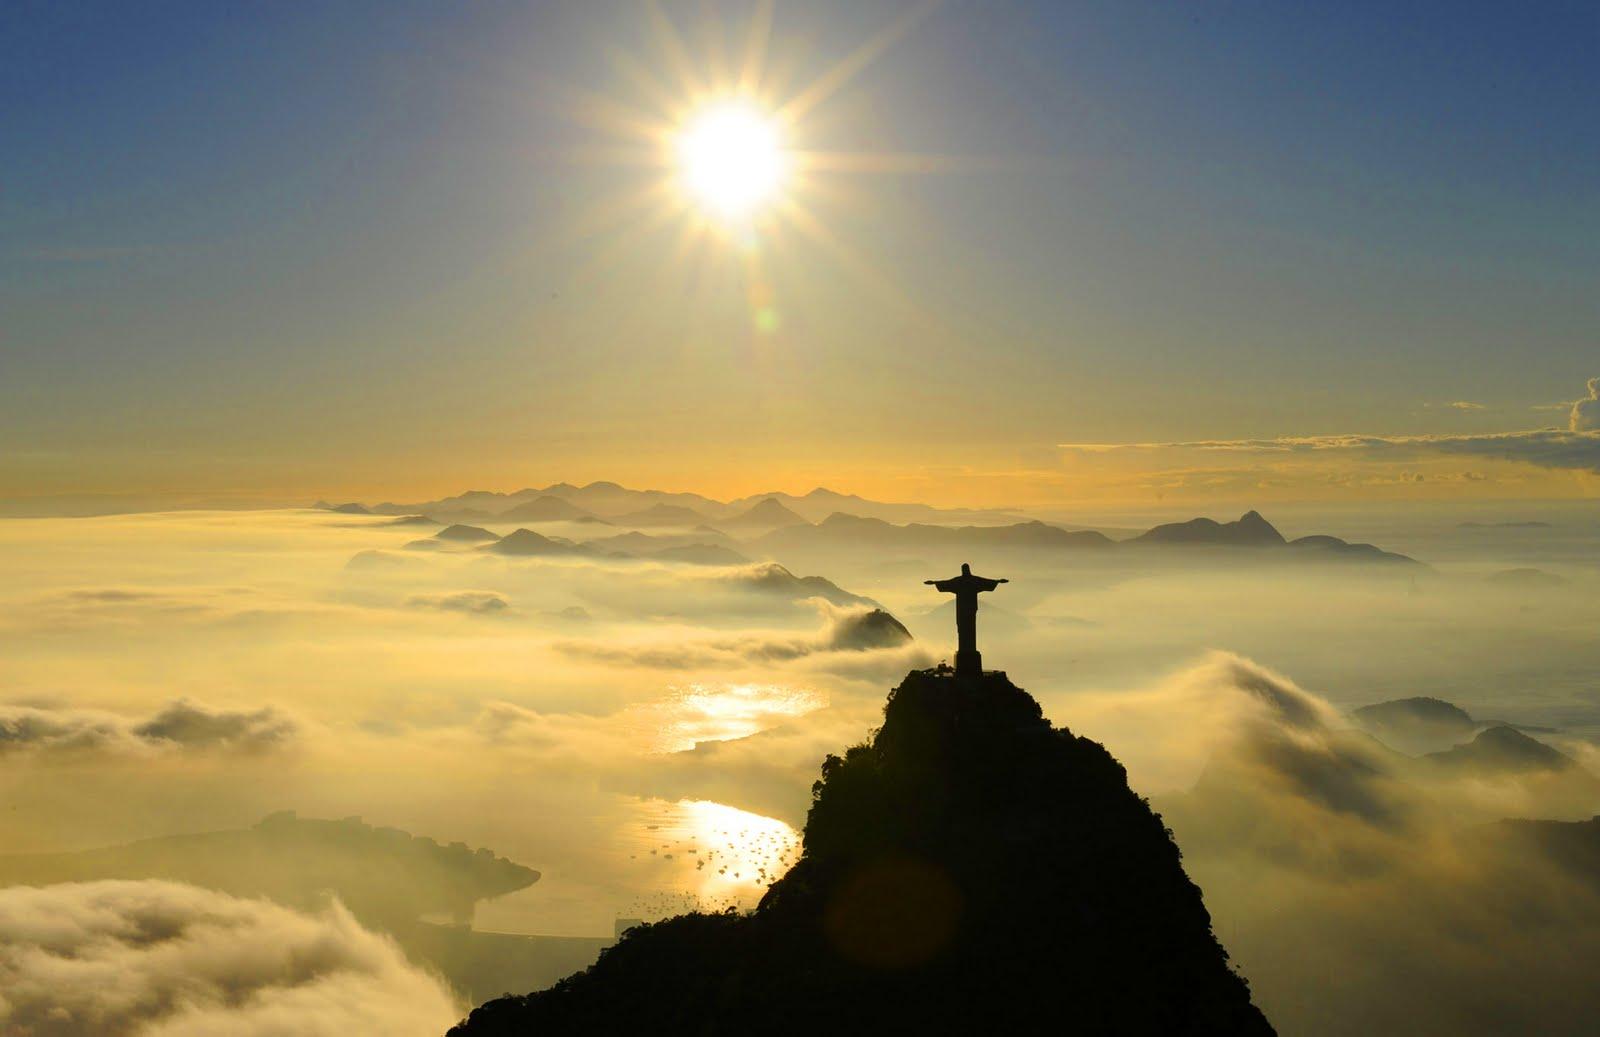 Materiales de religi n cat lica cristo redentor for Fondos de pantalla 7 maravillas del mundo